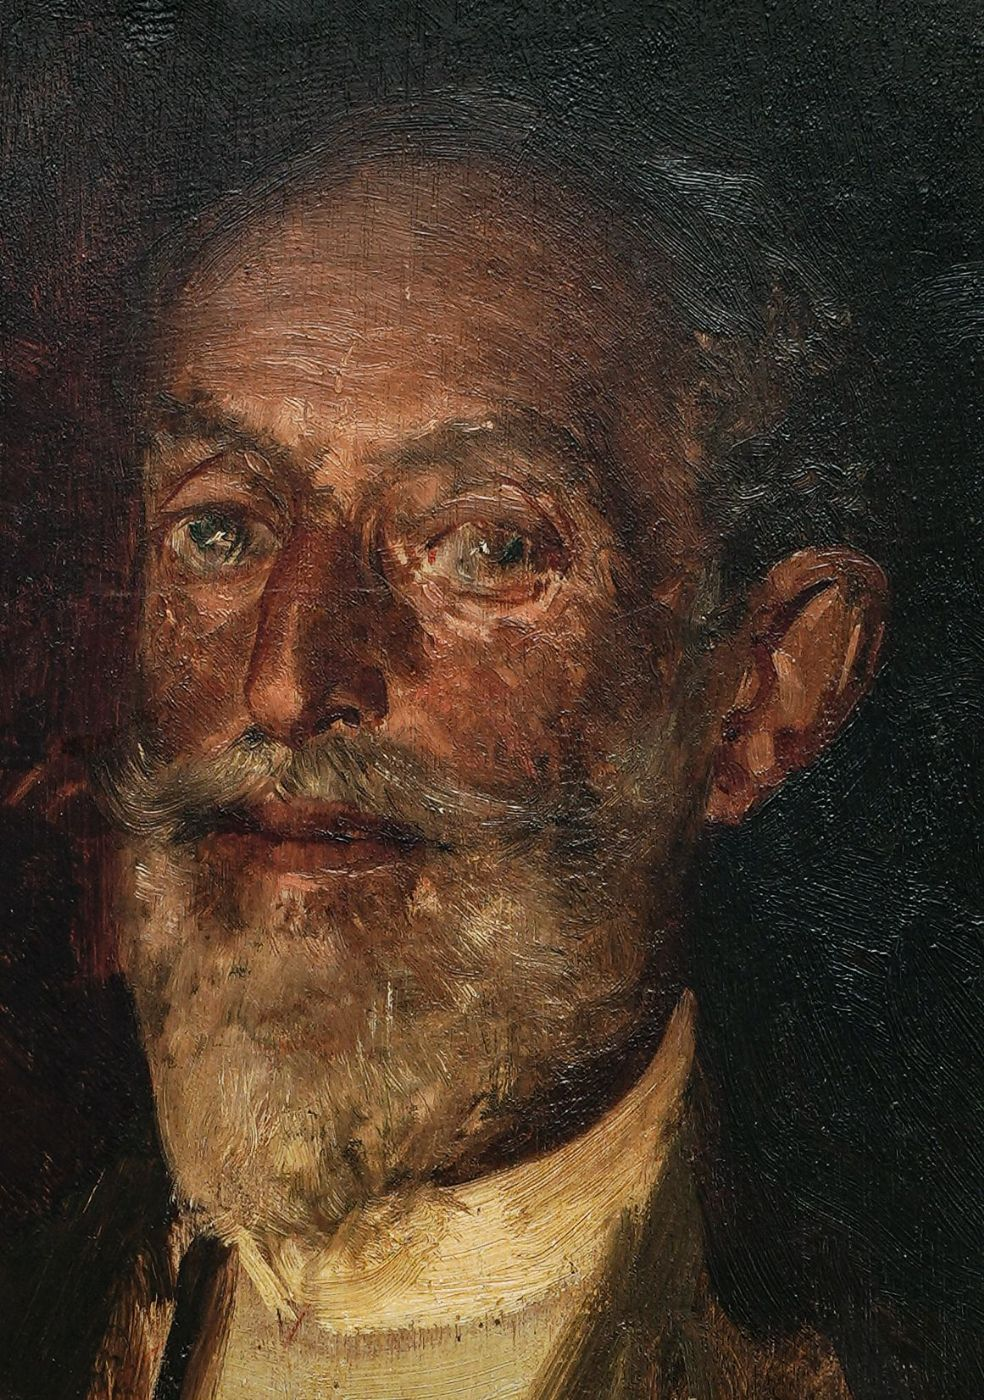 thumb2|Ritratto del pittore Nandor Thuroczy - Gaetano Esposito